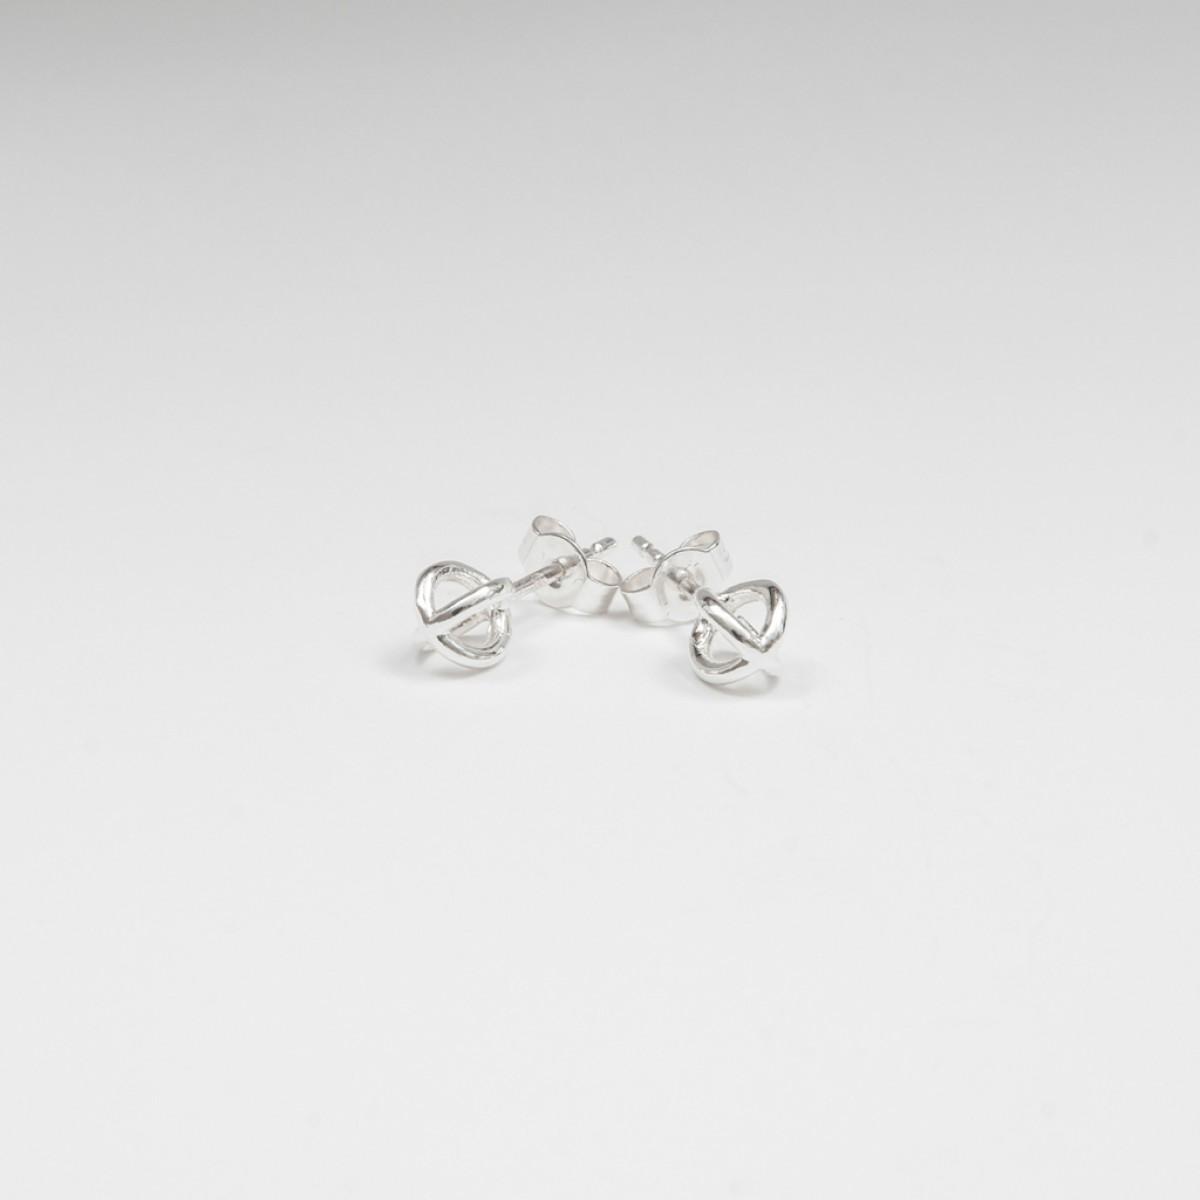 Jonathan Radetz Jewellery, Ohrstecker KISSKISS, Silber 925